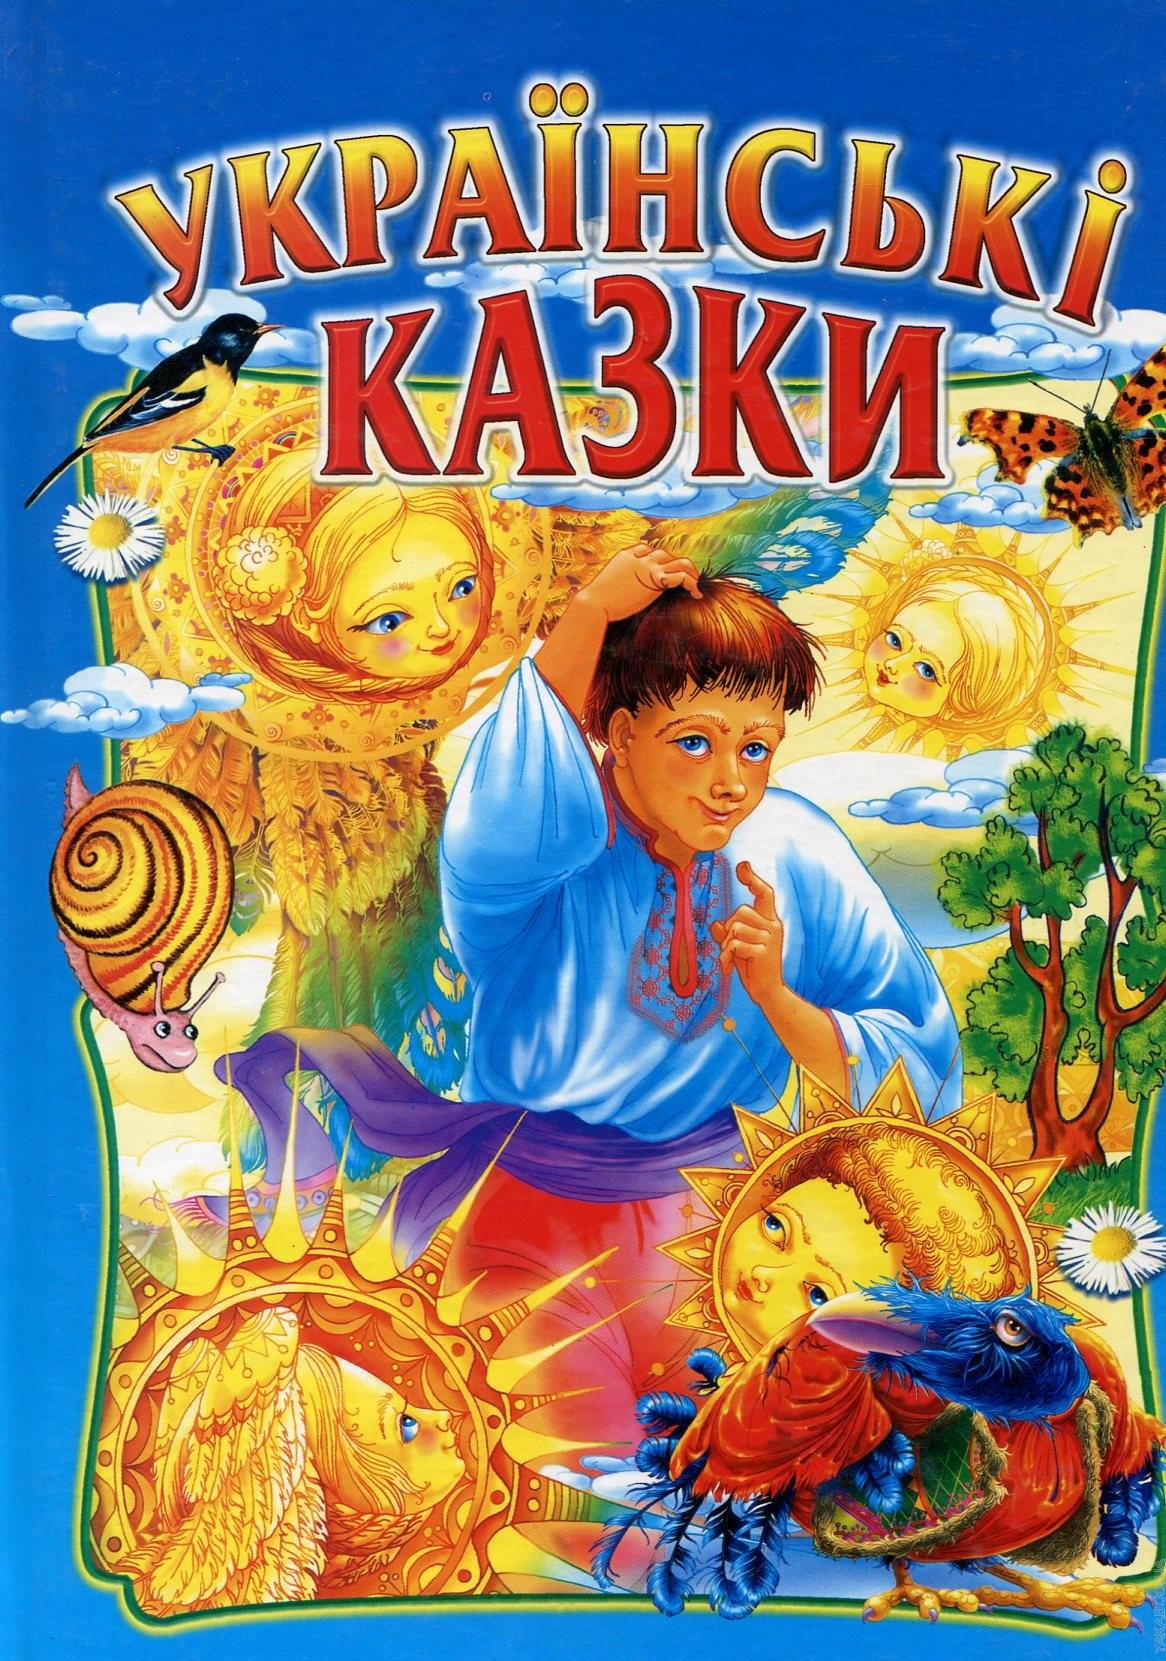 Детские книги от Knygarenka или как покупать ребенку лучшее